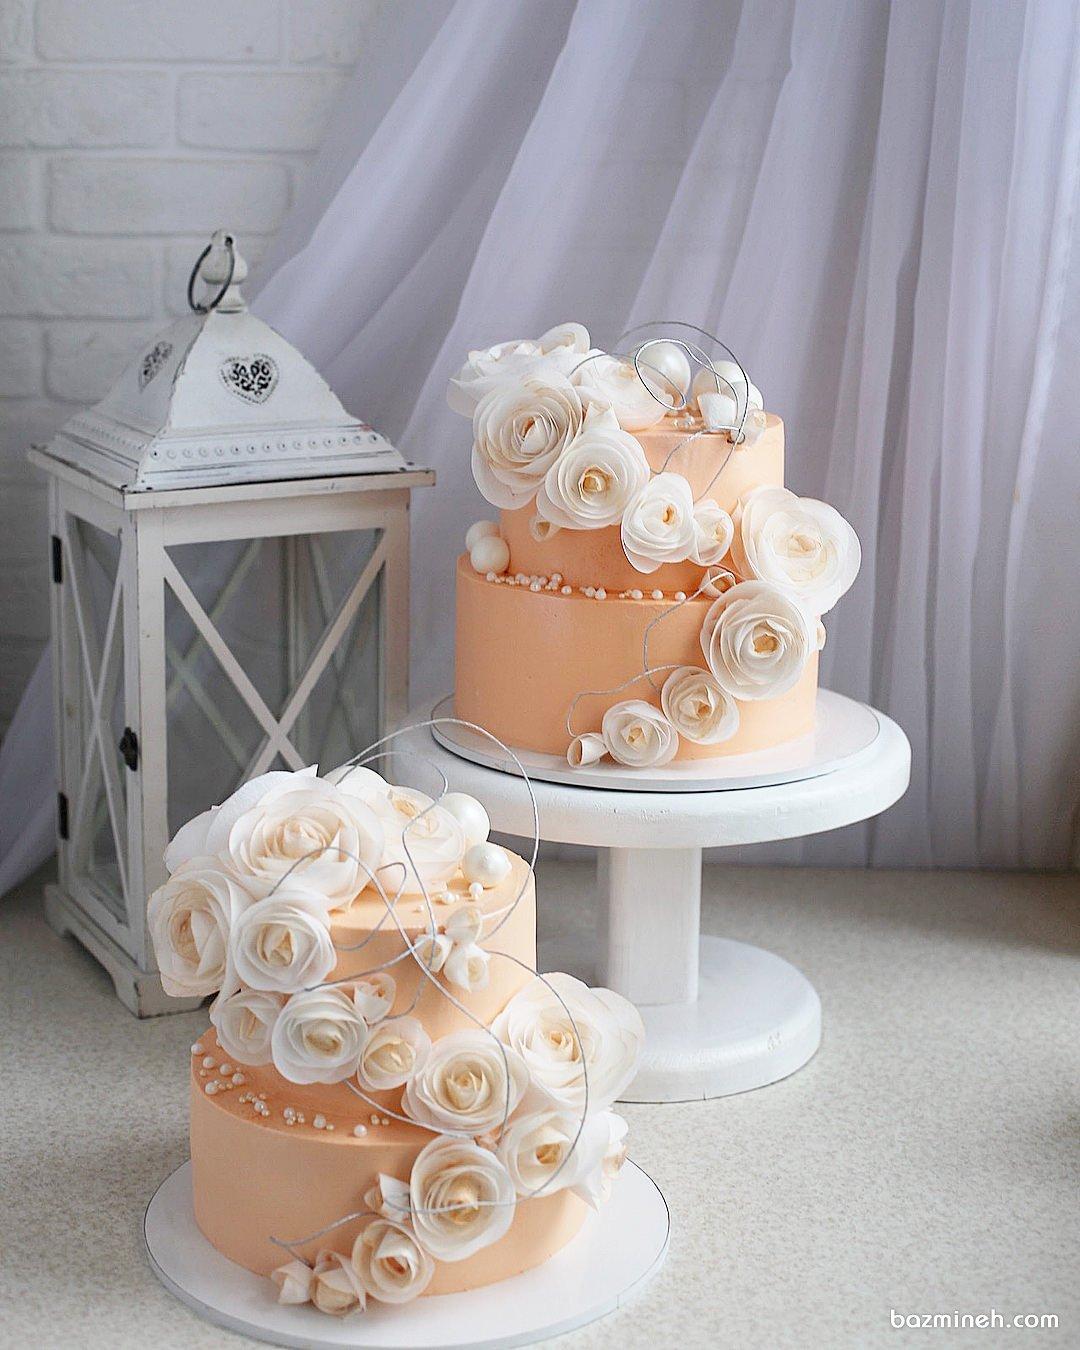 کیک زیبای جشن تولد یا سالگرد ازدواج تزیین شده با گل و مروارید